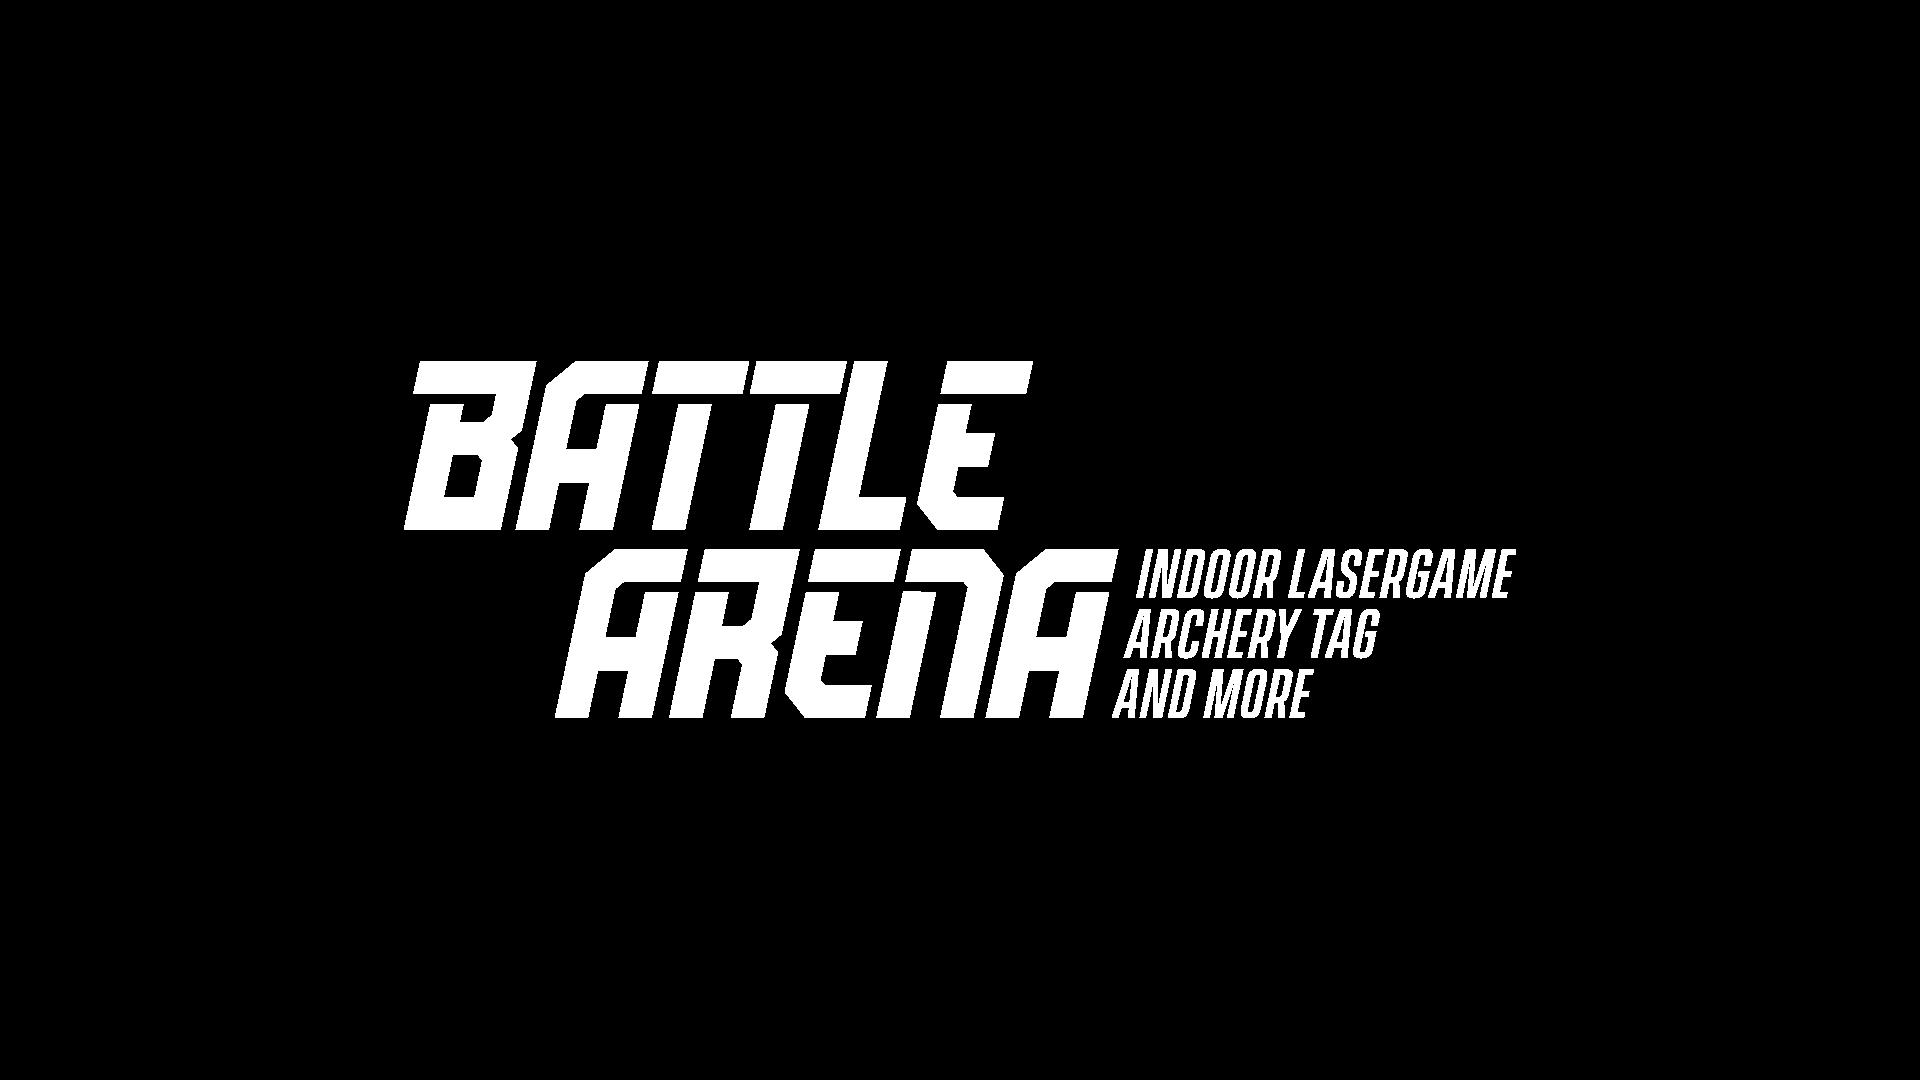 BattleArena_logo